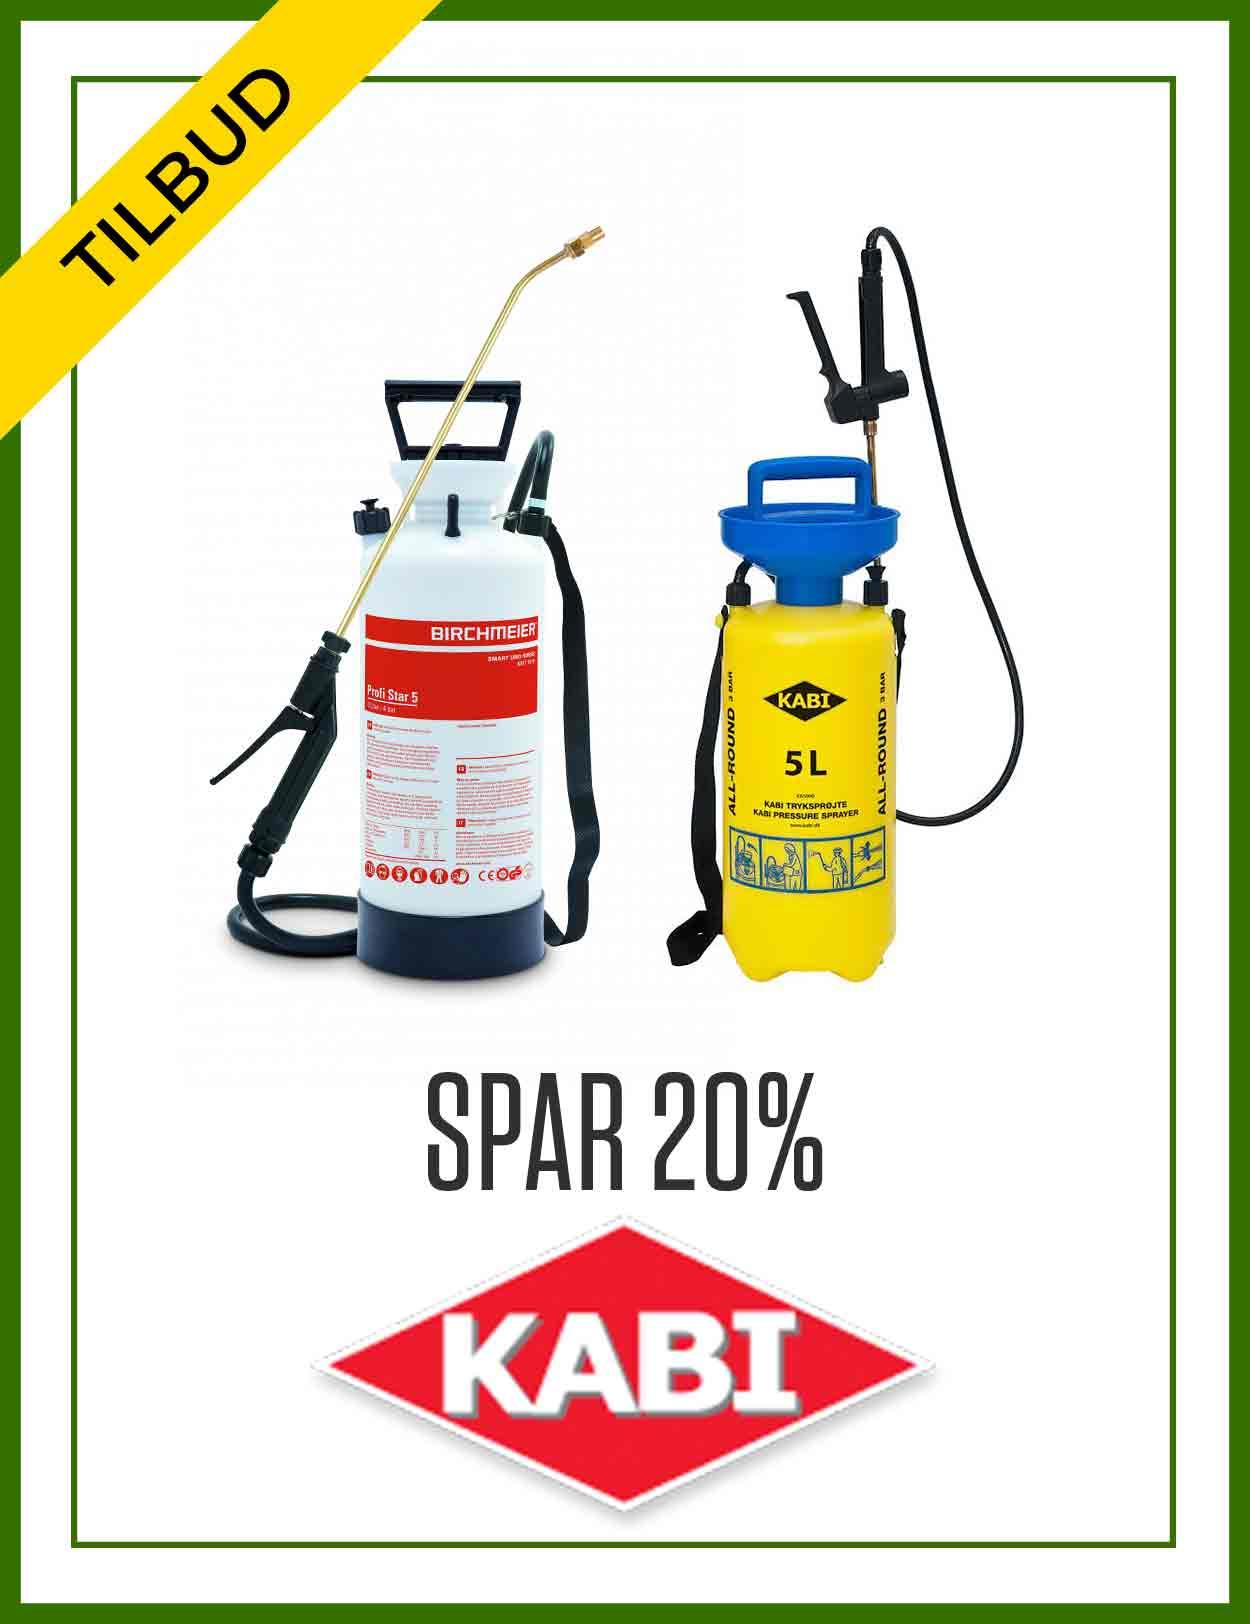 Tilbud - spar 20% på Kabi